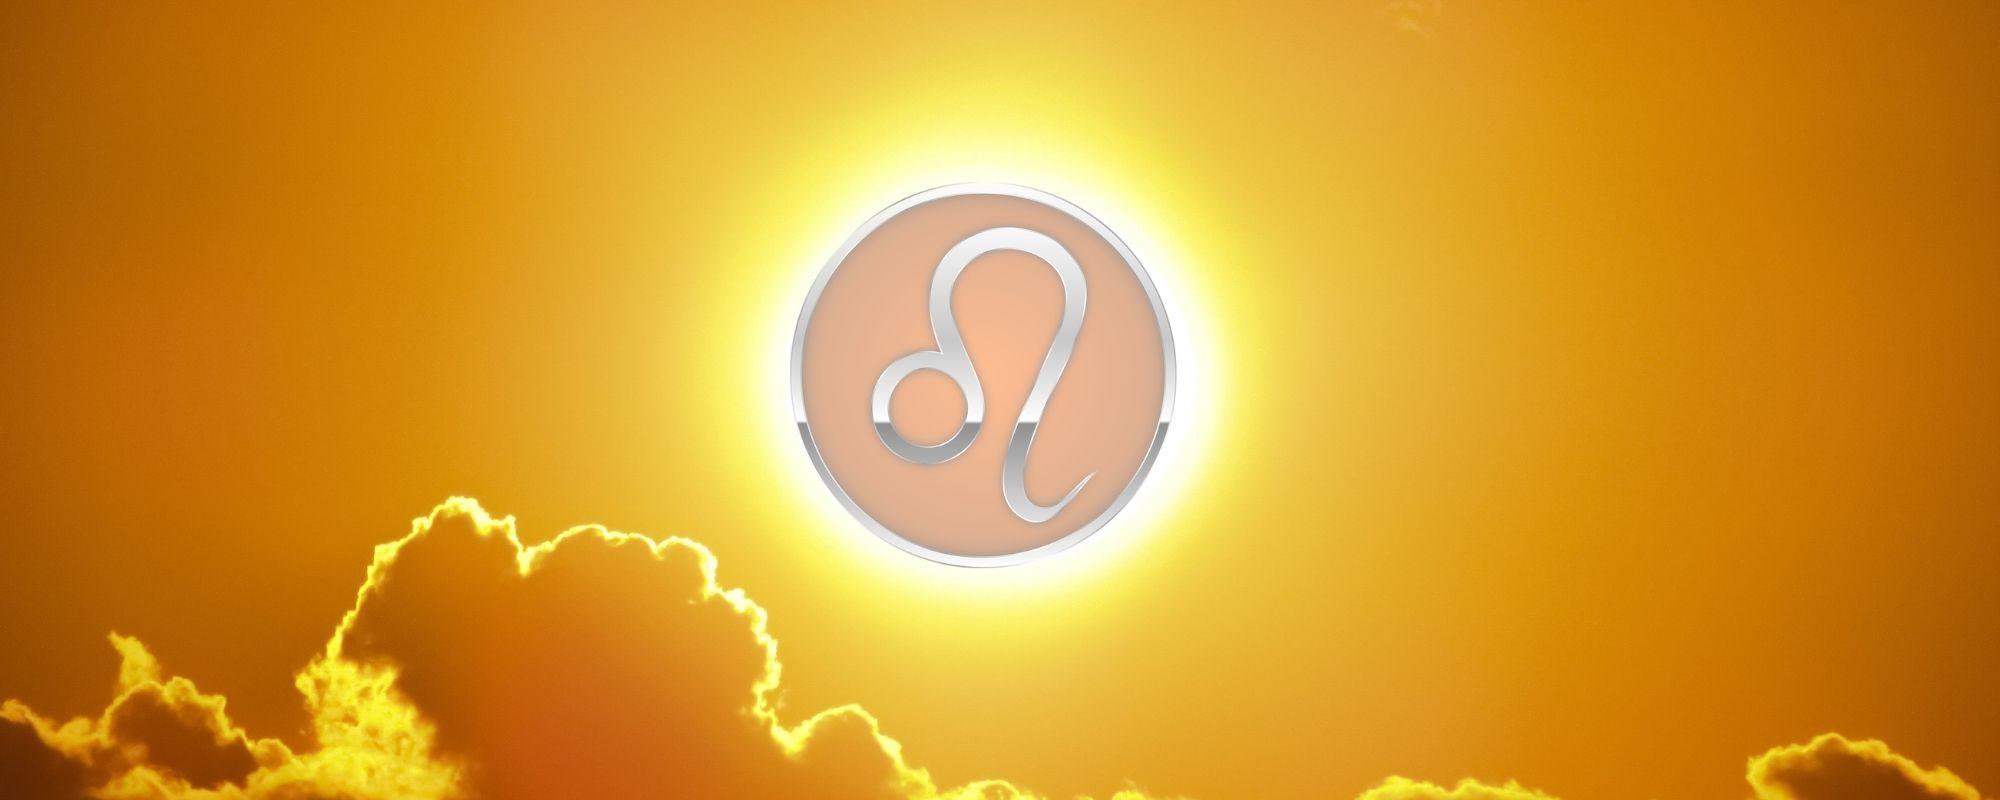 sole-leone-reazione-ogni-segno-zodiacale